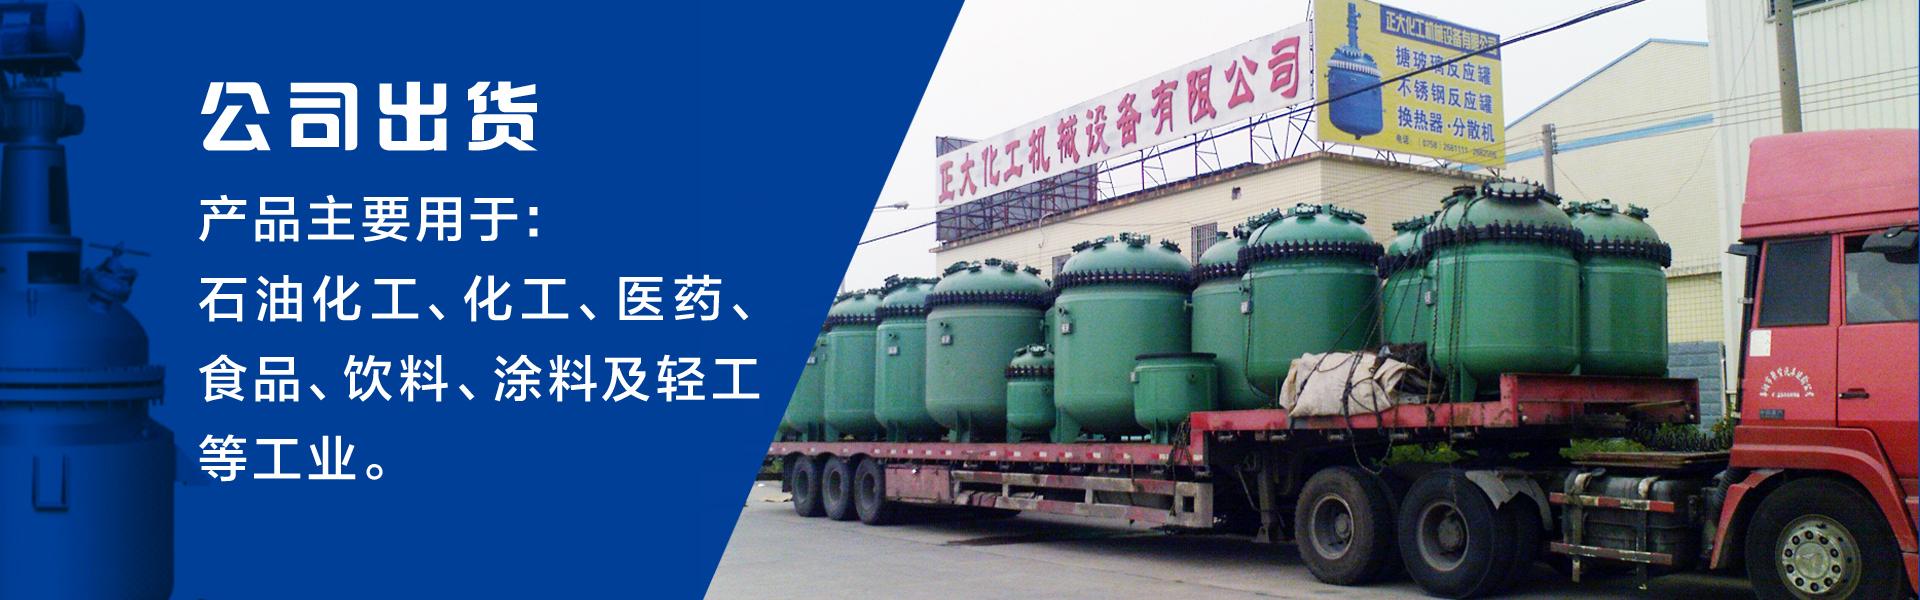 肇庆市正大化工机械设备幸运飞艇主要产品品种有反应釜、反应罐、不锈钢反应釜、不锈钢反应罐、搪瓷反应罐等!